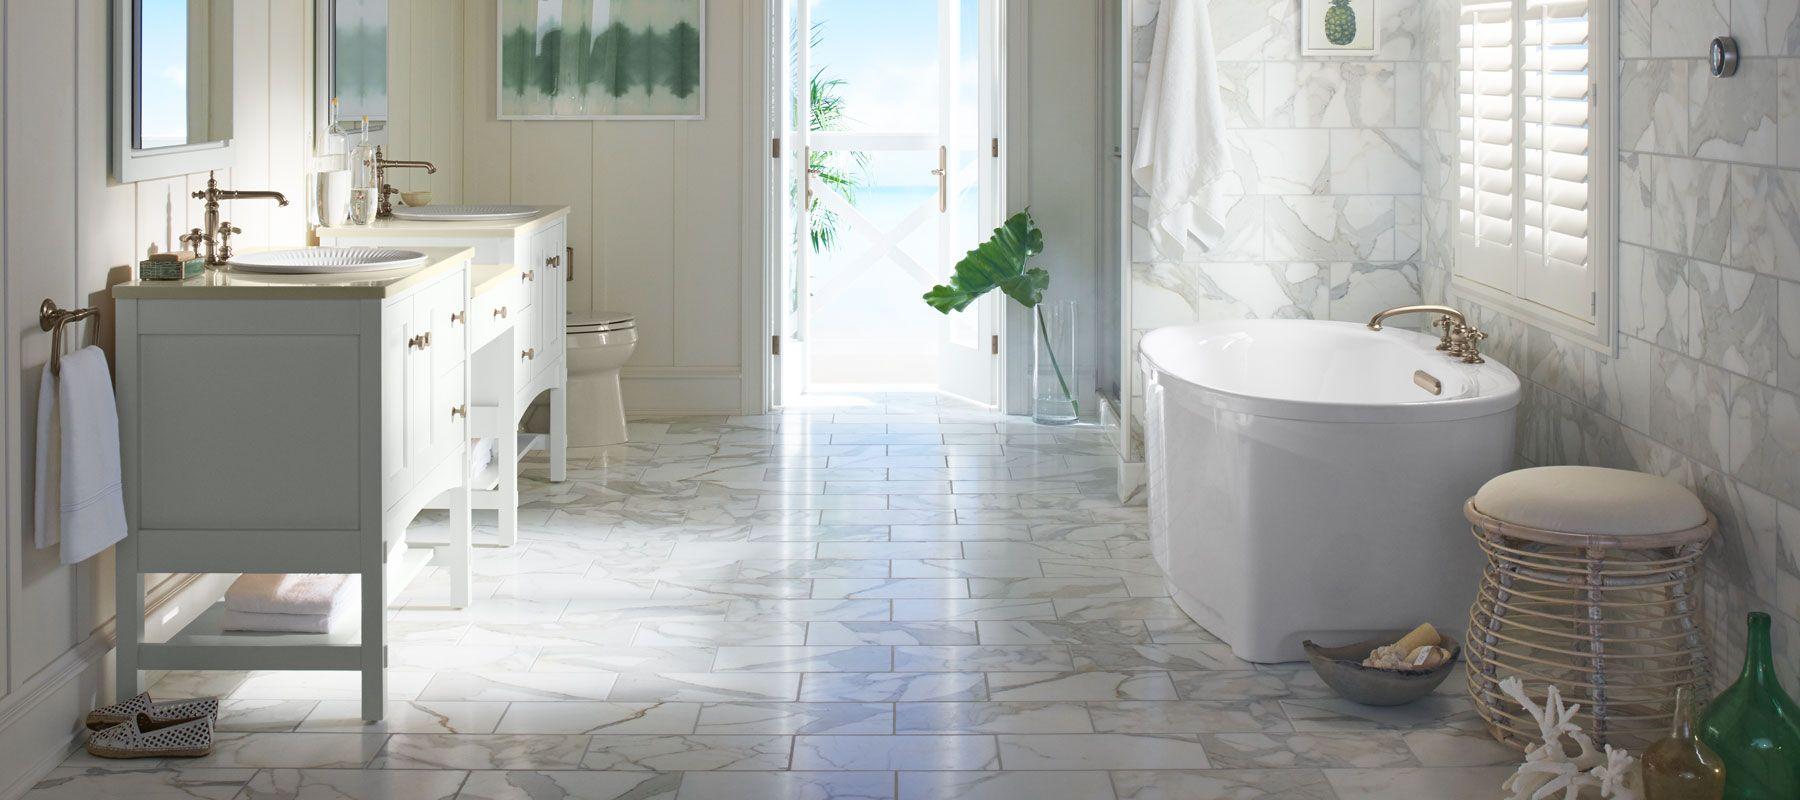 Best Kitchen Gallery: Floor Plan Options Bathroom Ideas Planning Bathroom Kohler of Design Bathroom Floor Plan  on rachelxblog.com